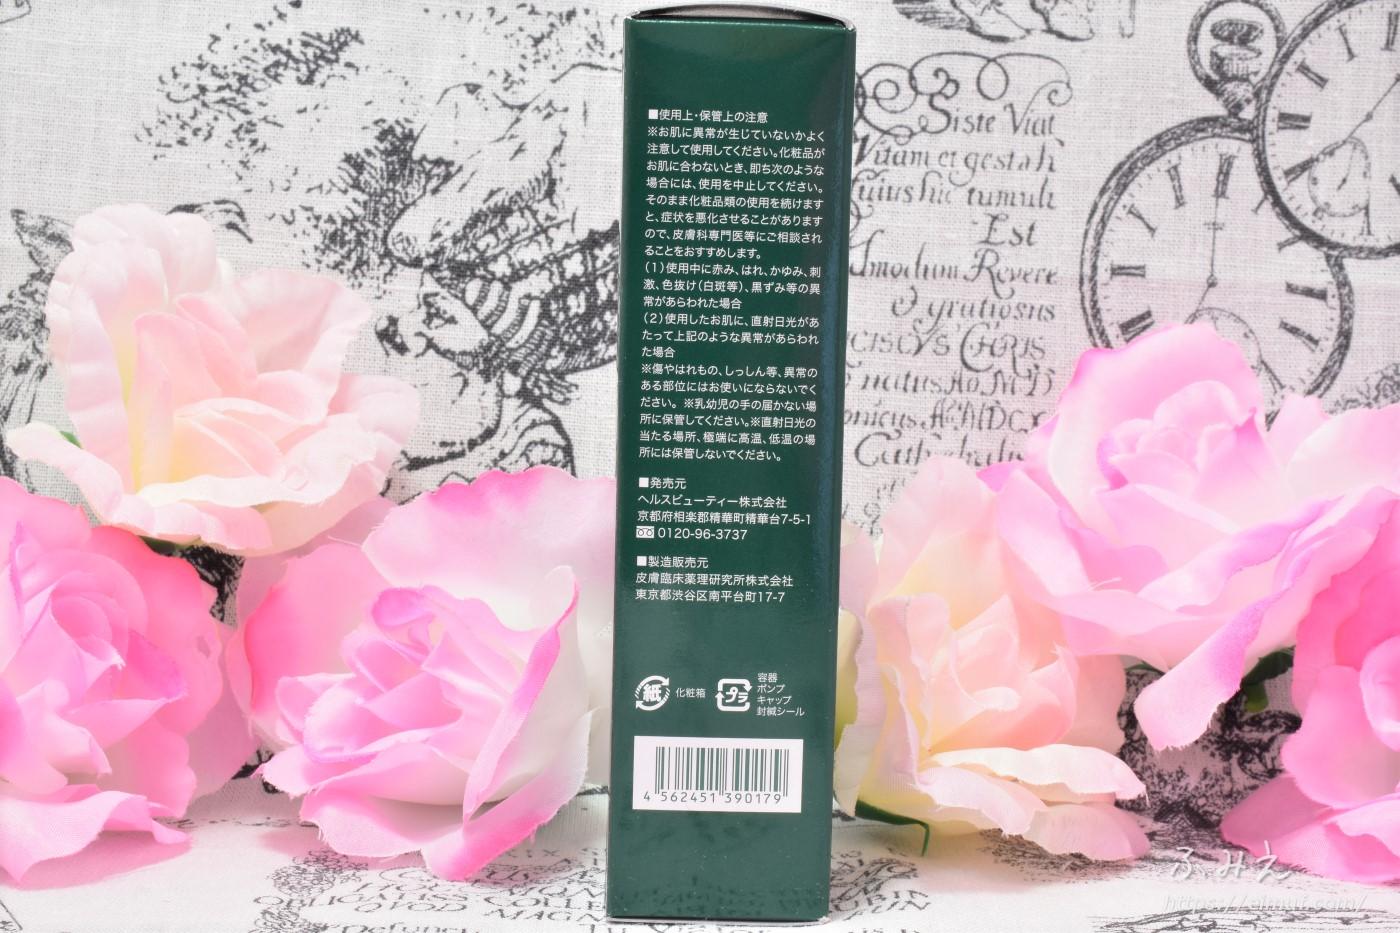 マシュファム 発酵生セラム美容液のパッケージ側面